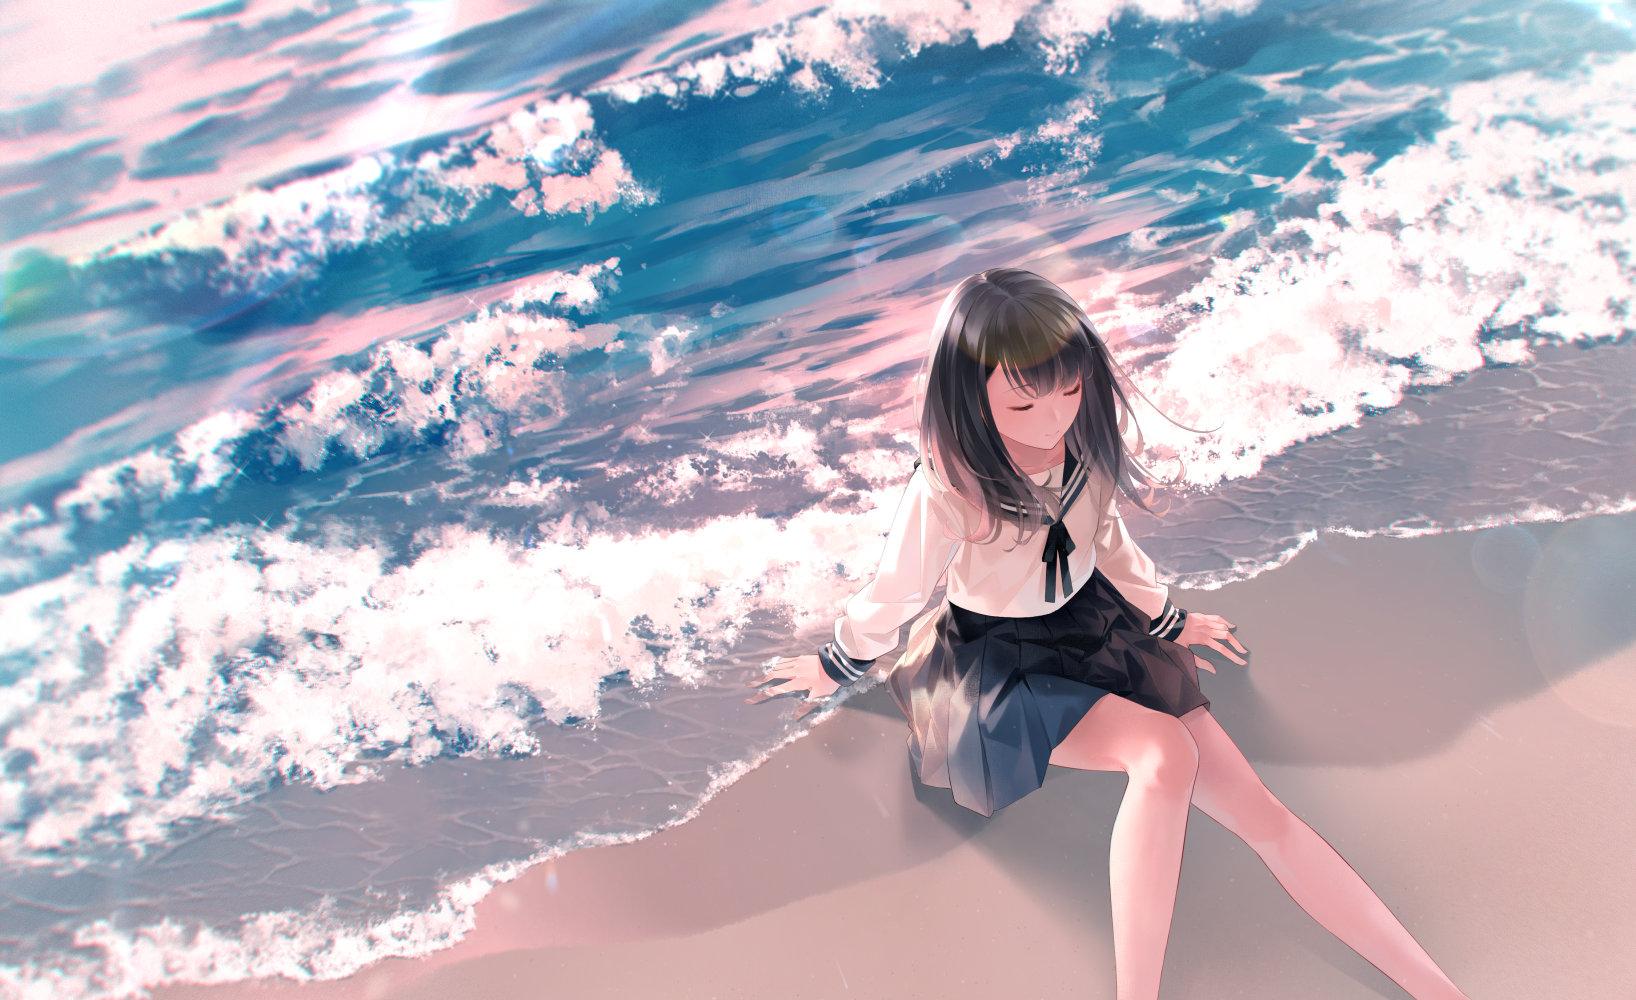 [P站画师] 日本画师爽々的插画作品,画风比较柔和 P站画师-第10张